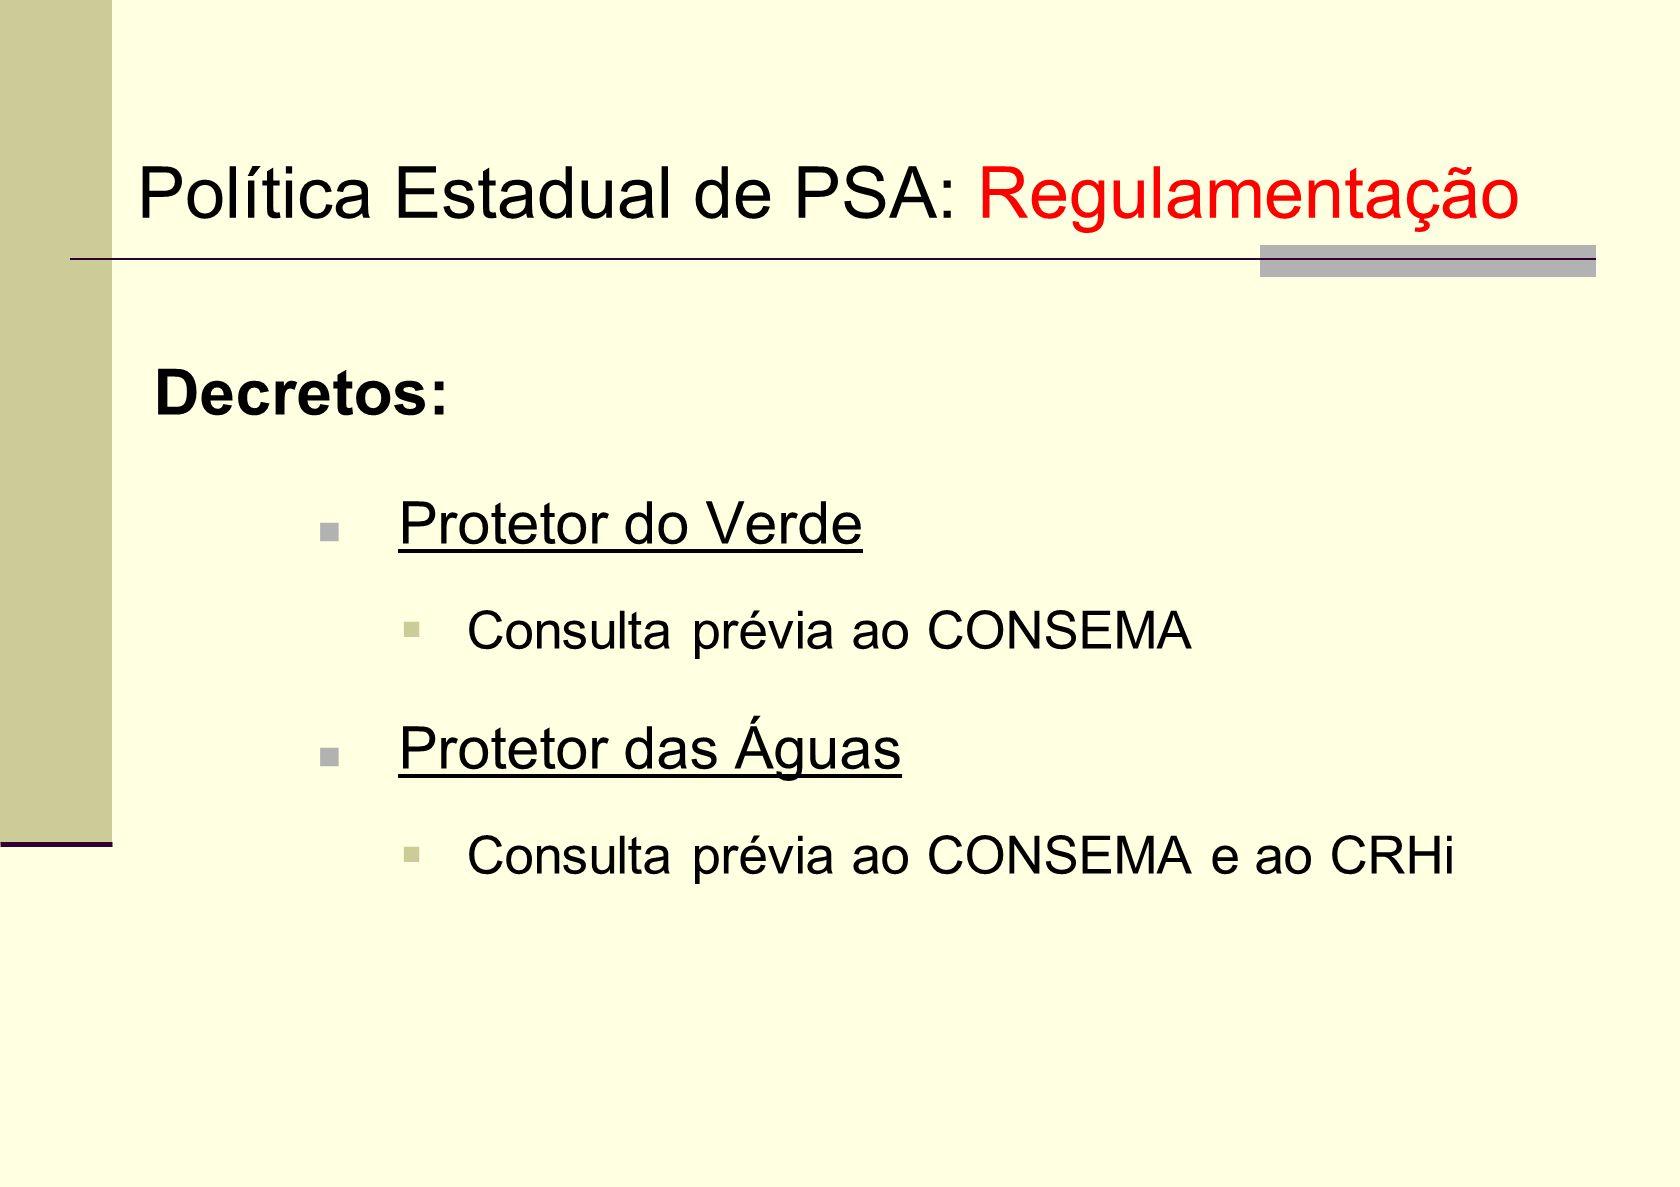 Decretos: Protetor do Verde Consulta prévia ao CONSEMA Protetor das Águas Consulta prévia ao CONSEMA e ao CRHi Política Estadual de PSA: Regulamentaçã